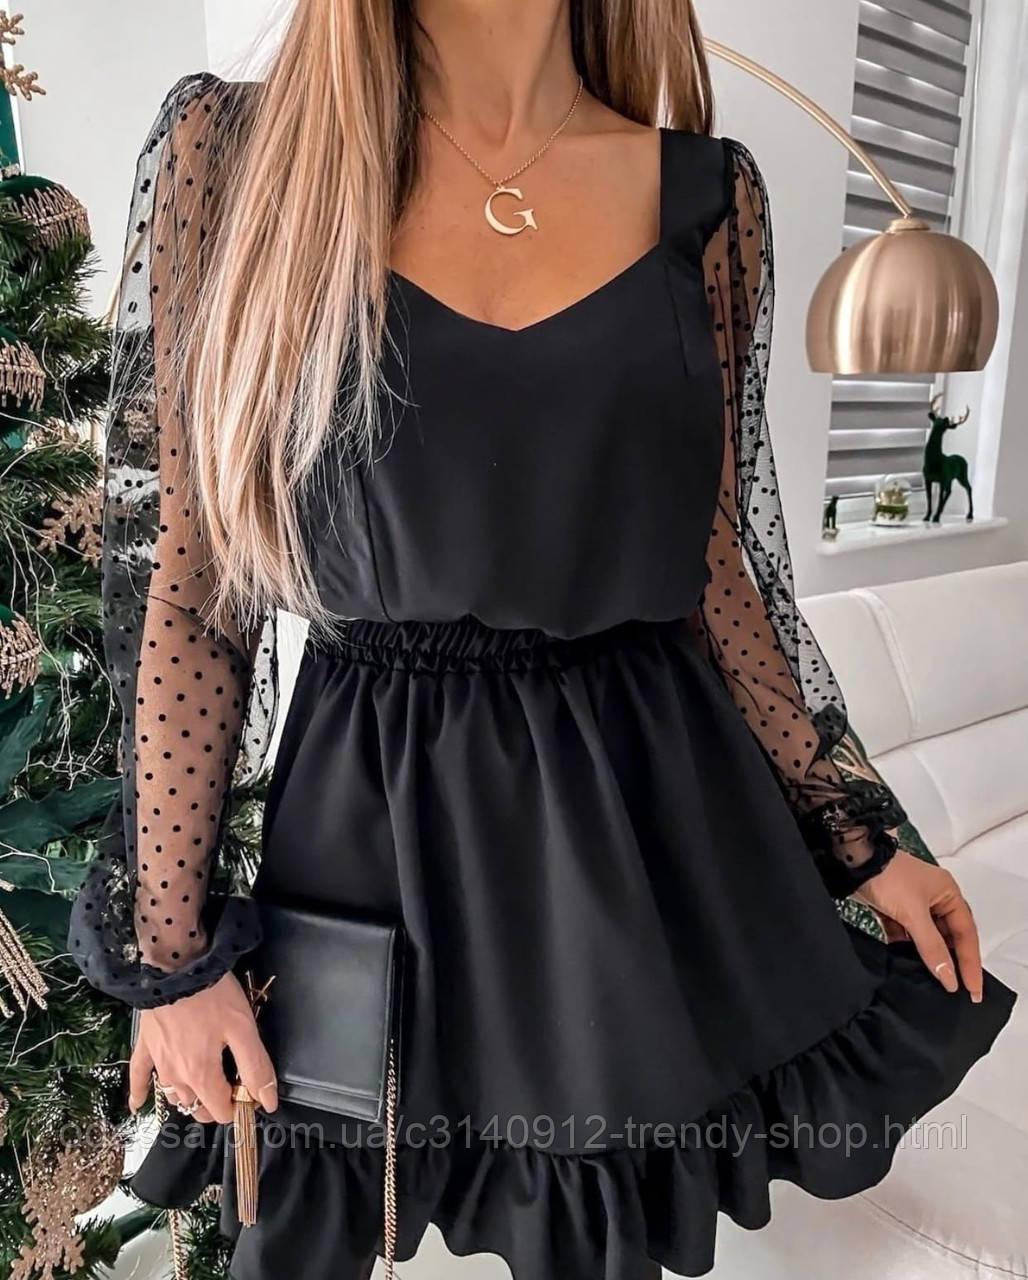 Платье женское нарядное 42-44, 46-48